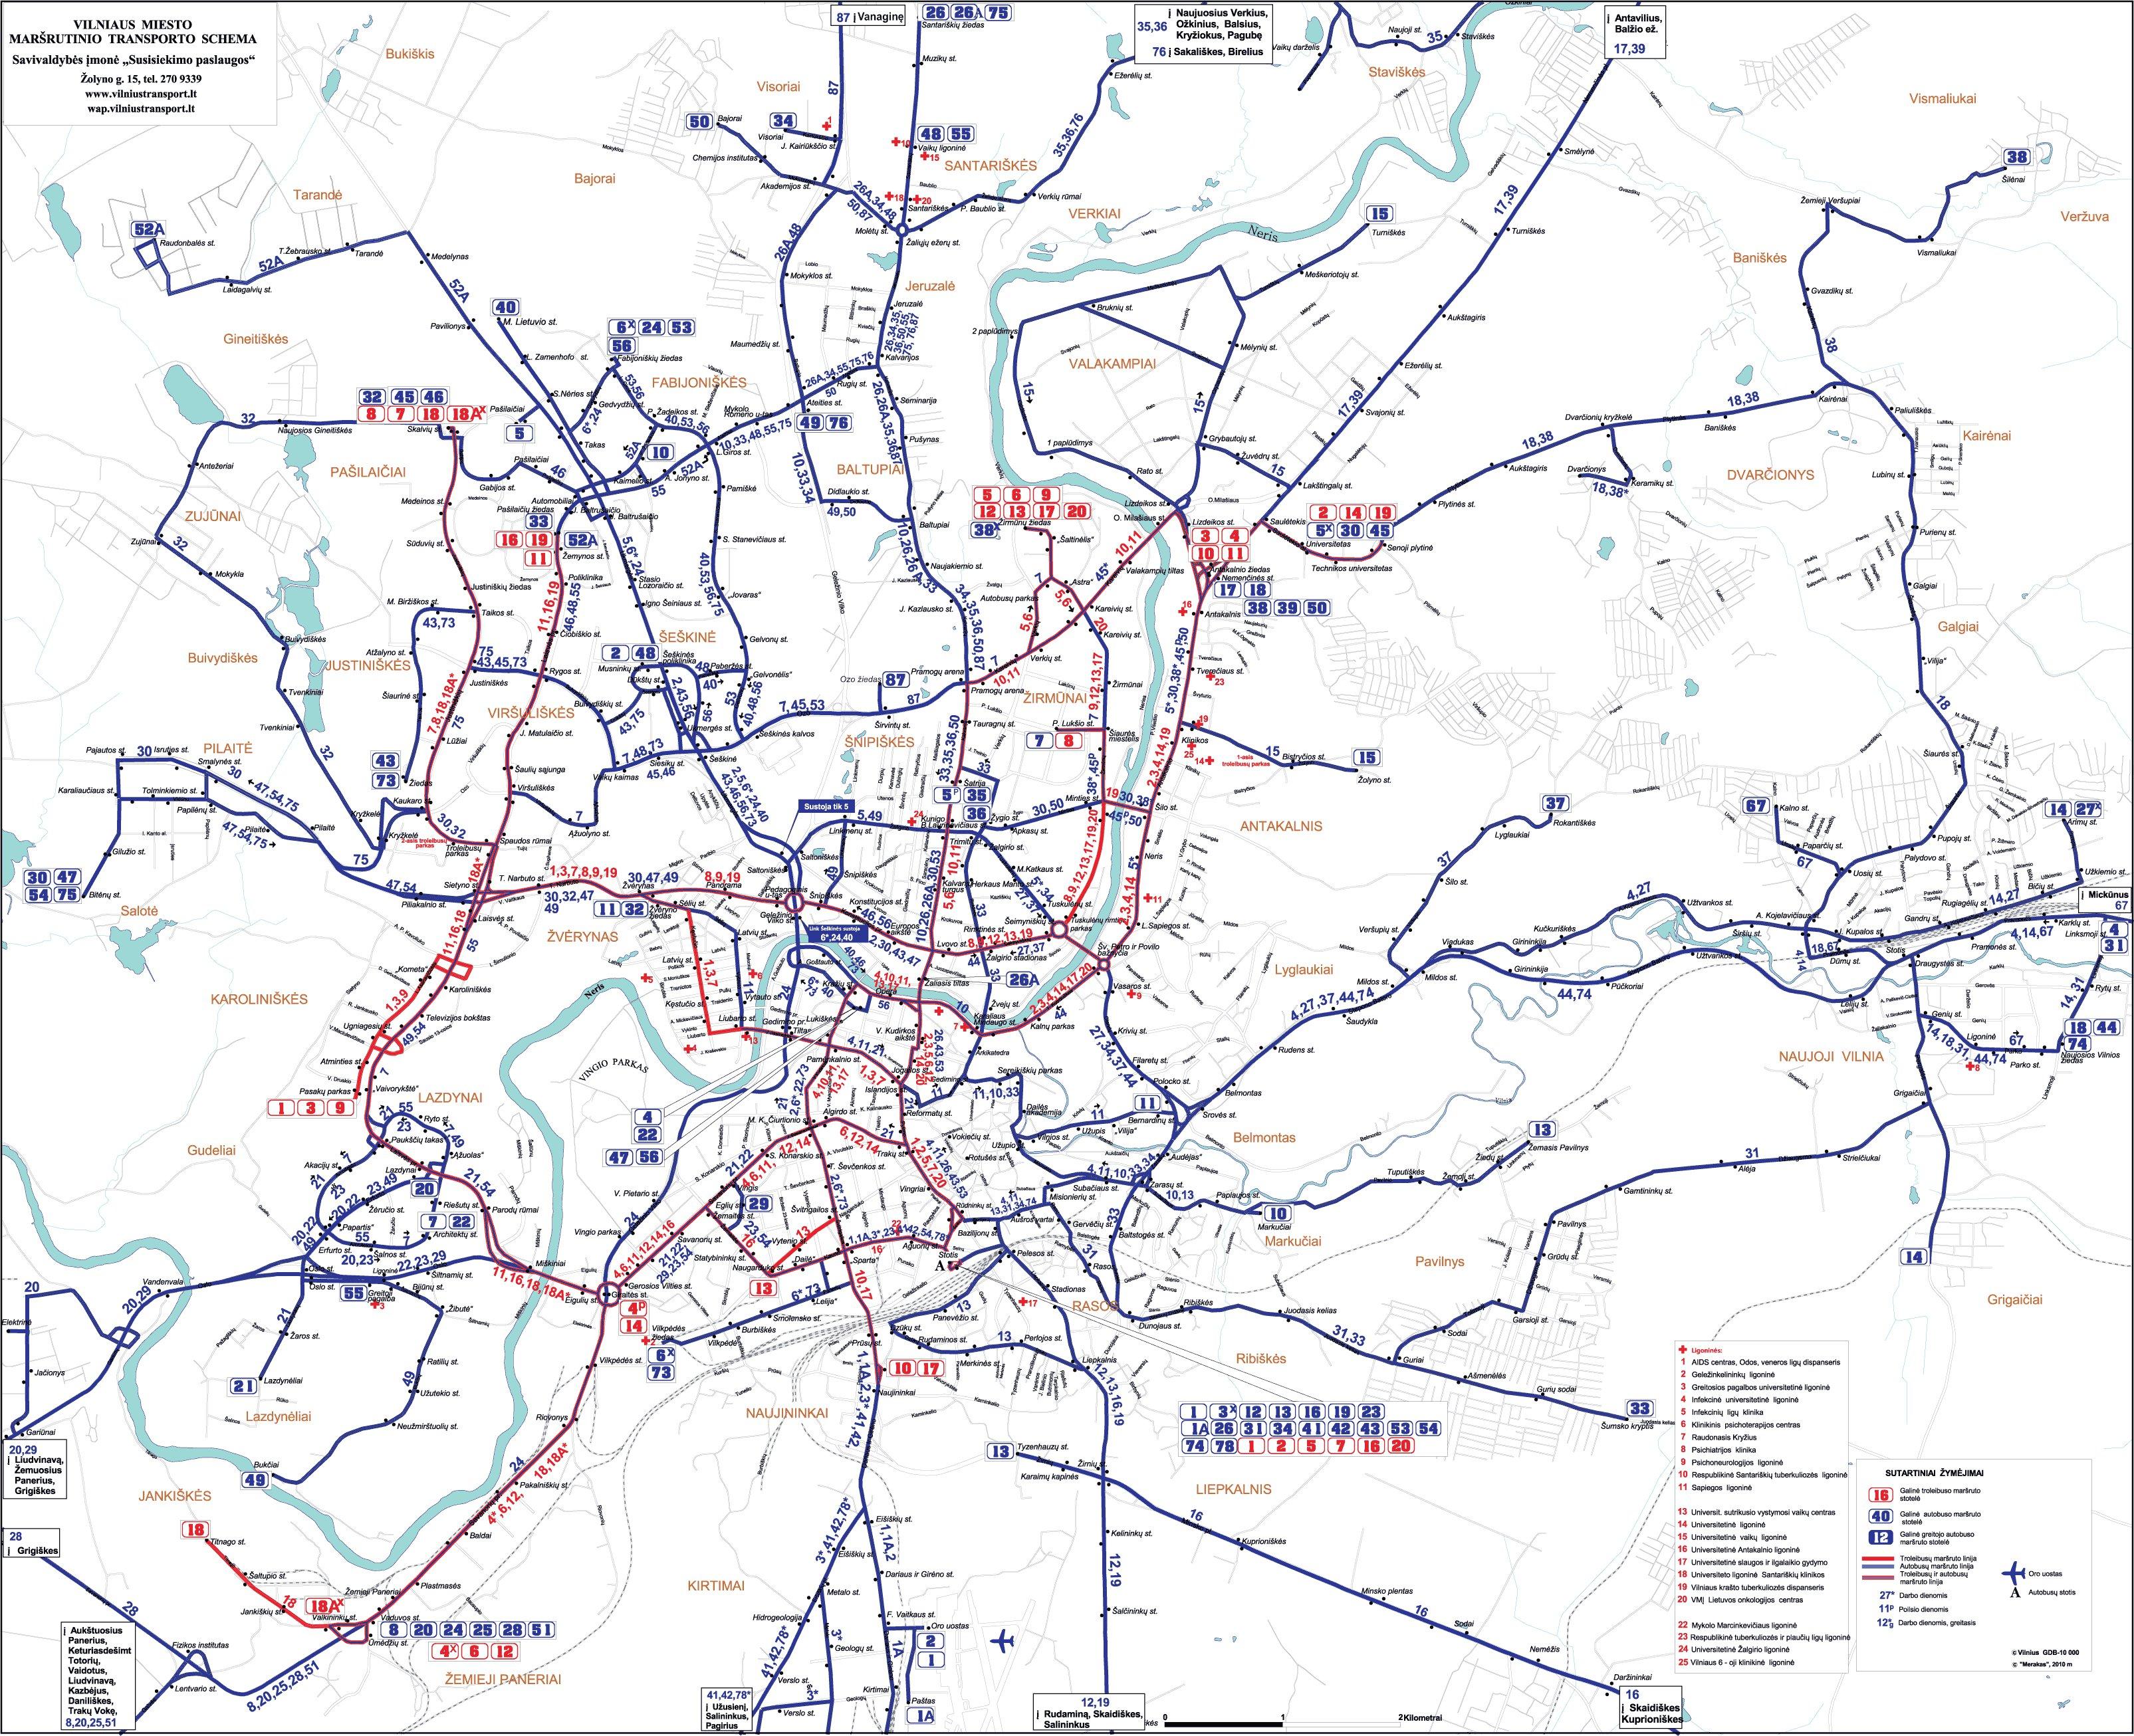 Схема общественного транспорта Вильнюса.